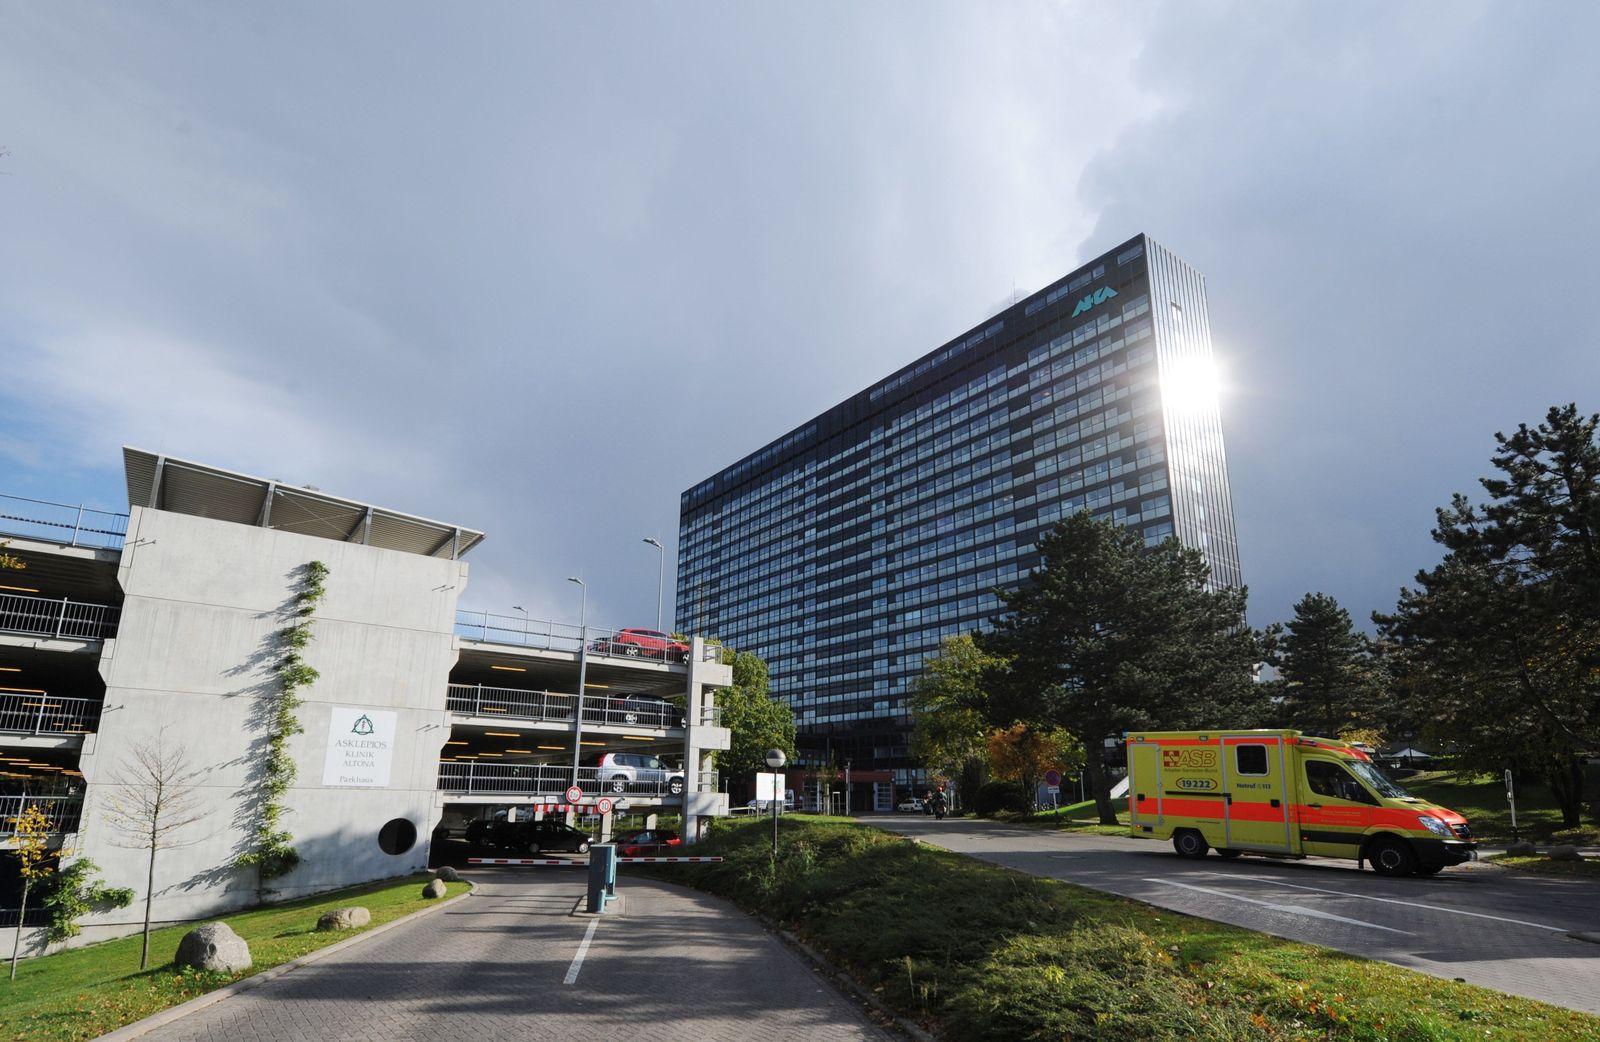 Asklepios Klinik Altona / Hamburg